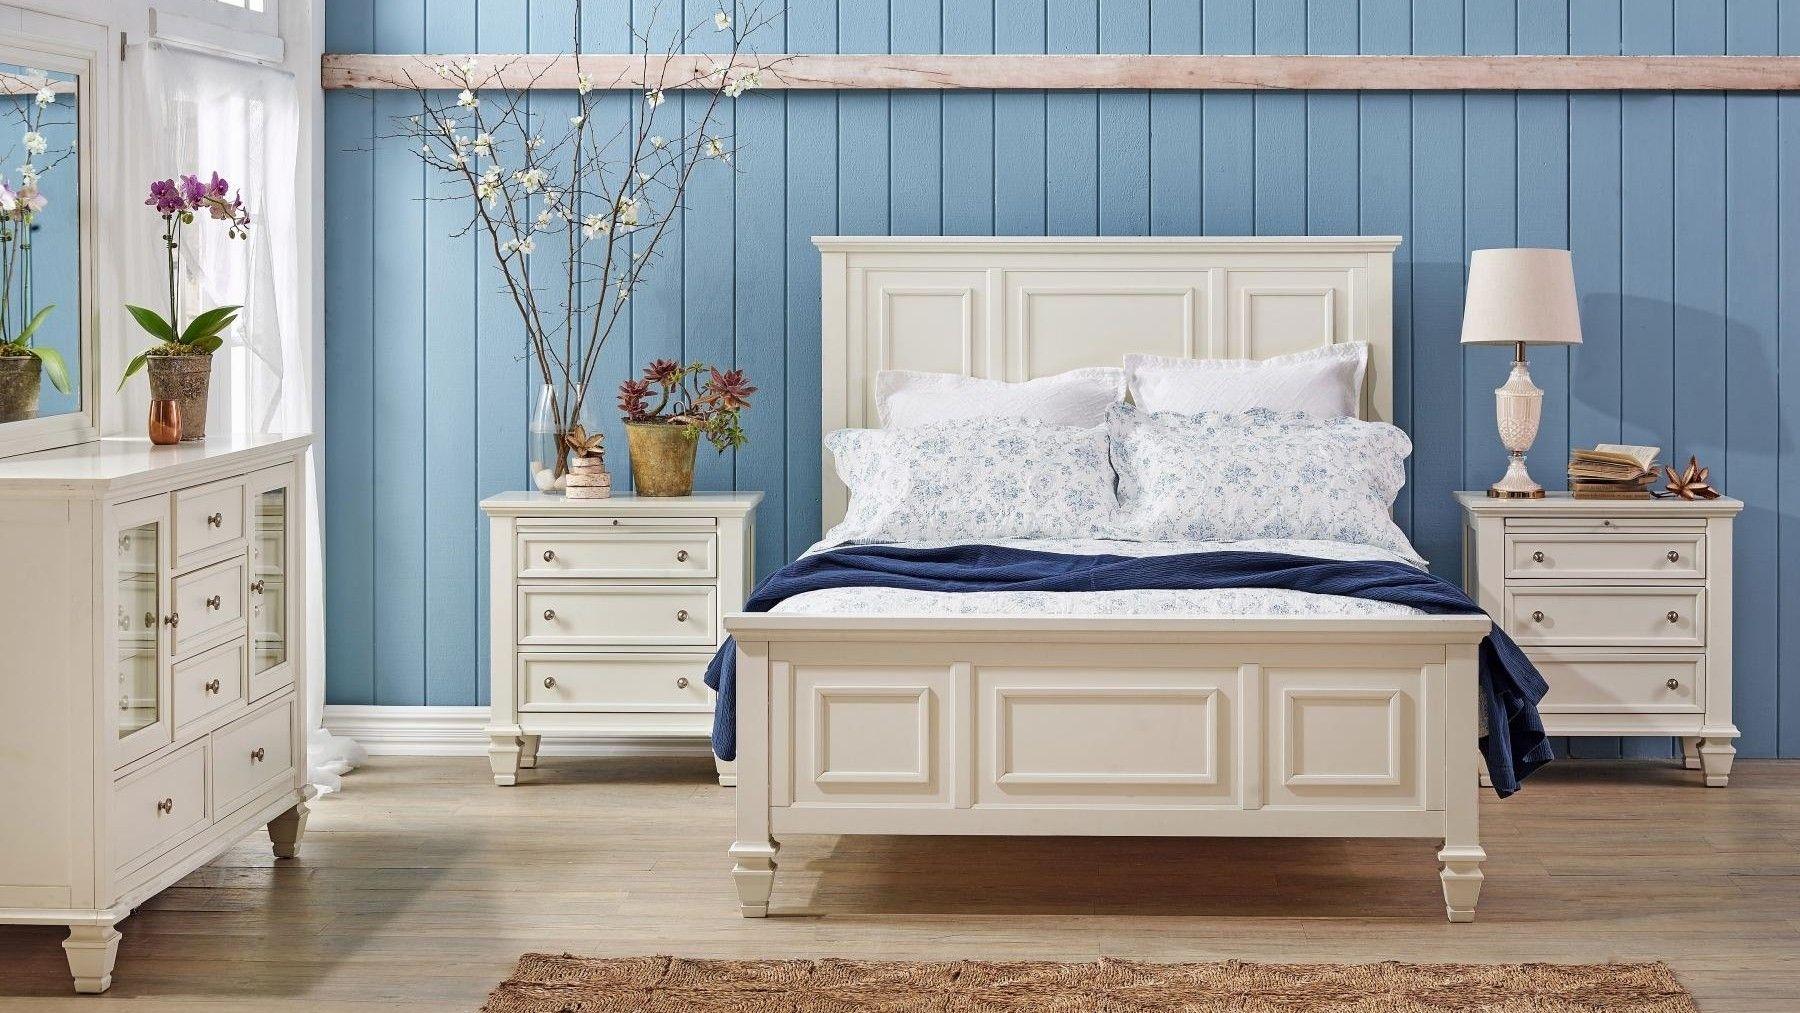 Glenmore 4 Piece Queen Bedroom Suite with Dresser